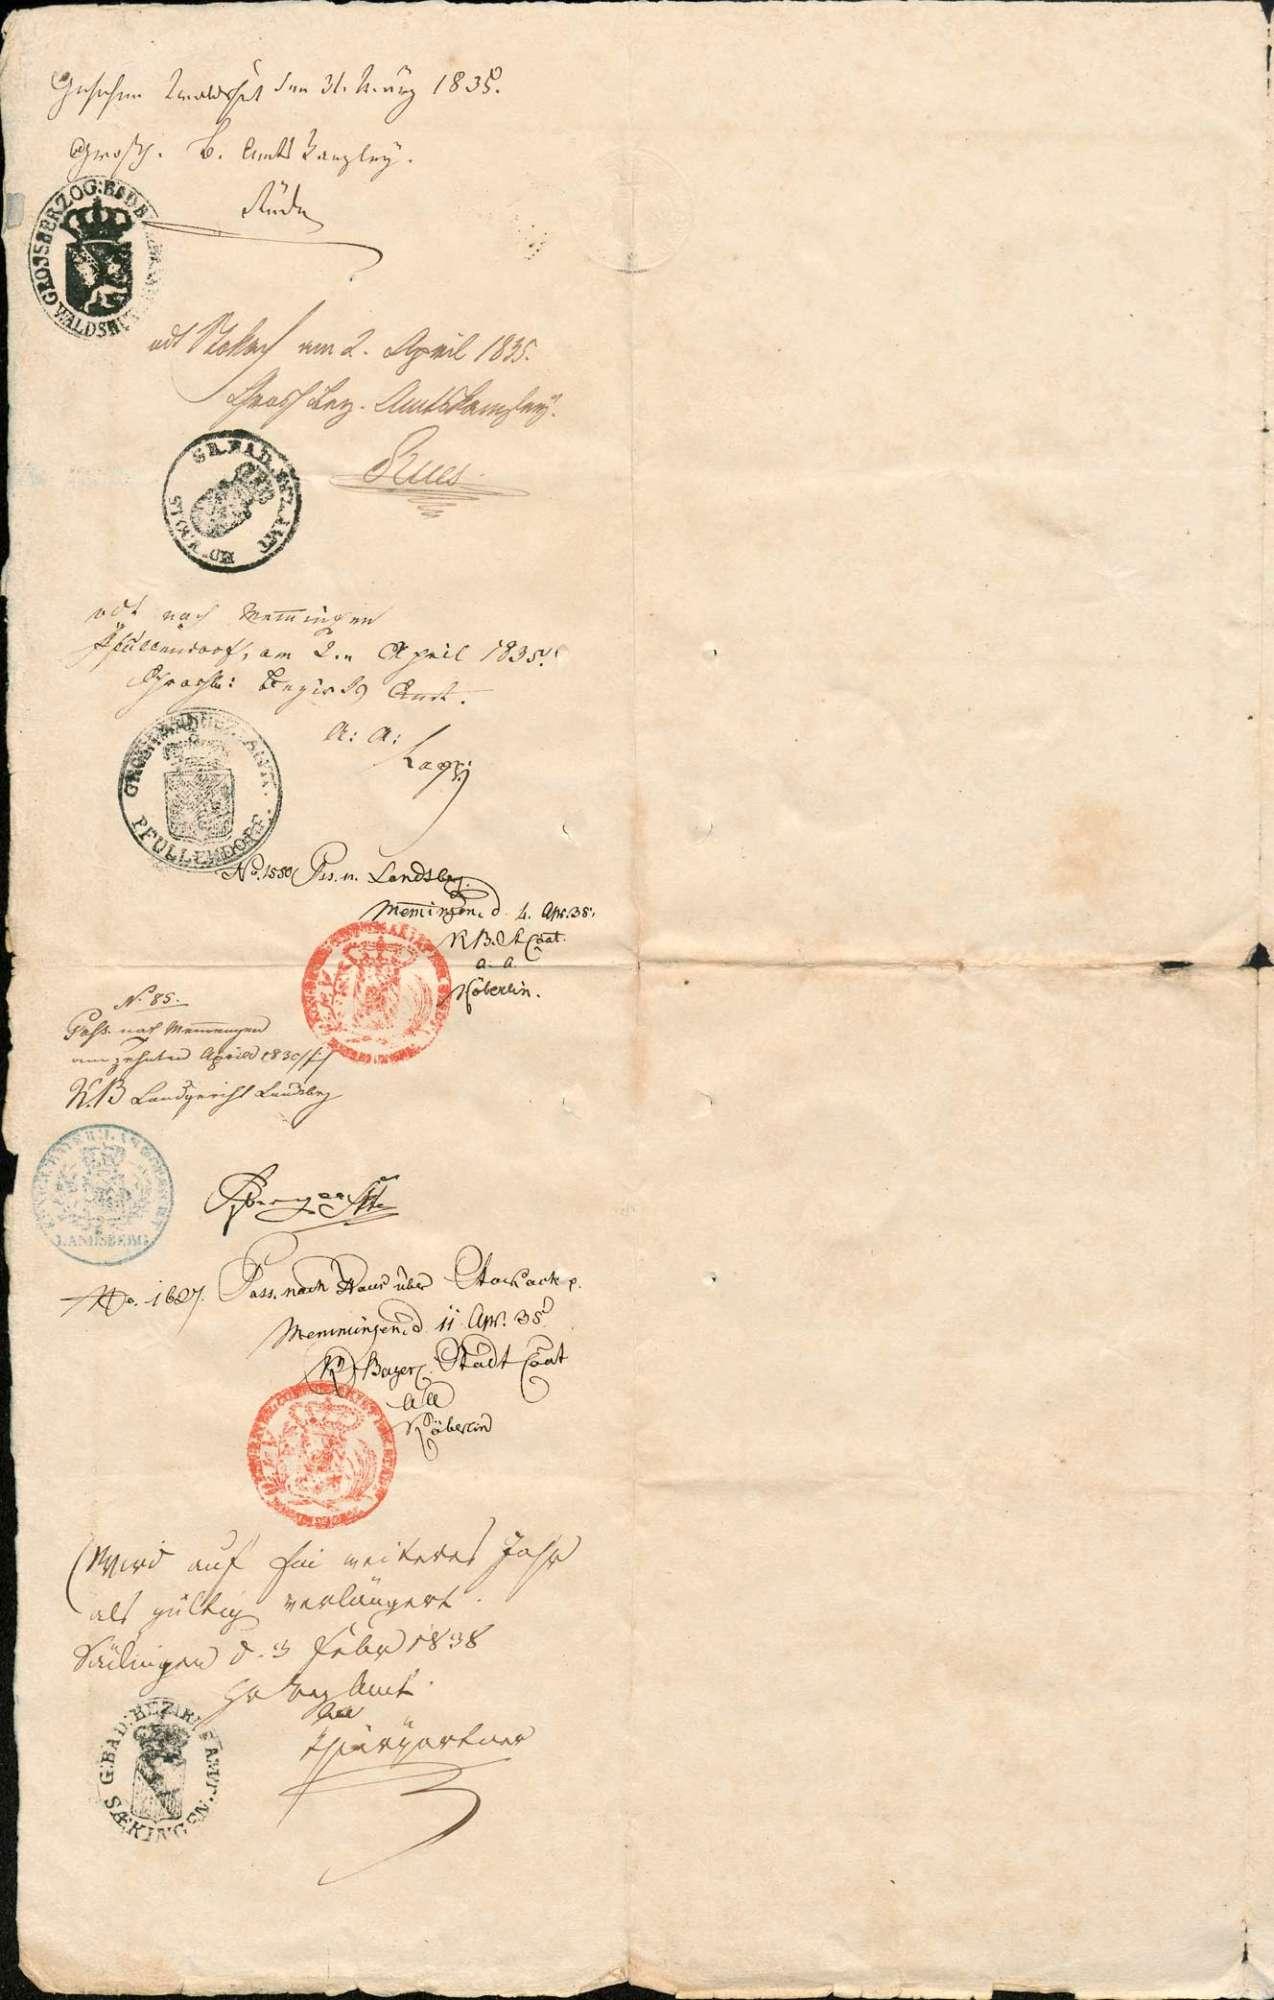 Auswanderung: Kaspar Bernauer, Herrischried, mit Familie nach Walchstadt/Patrimonialgericht Seefeld (Königreich Bayern), Bild 1